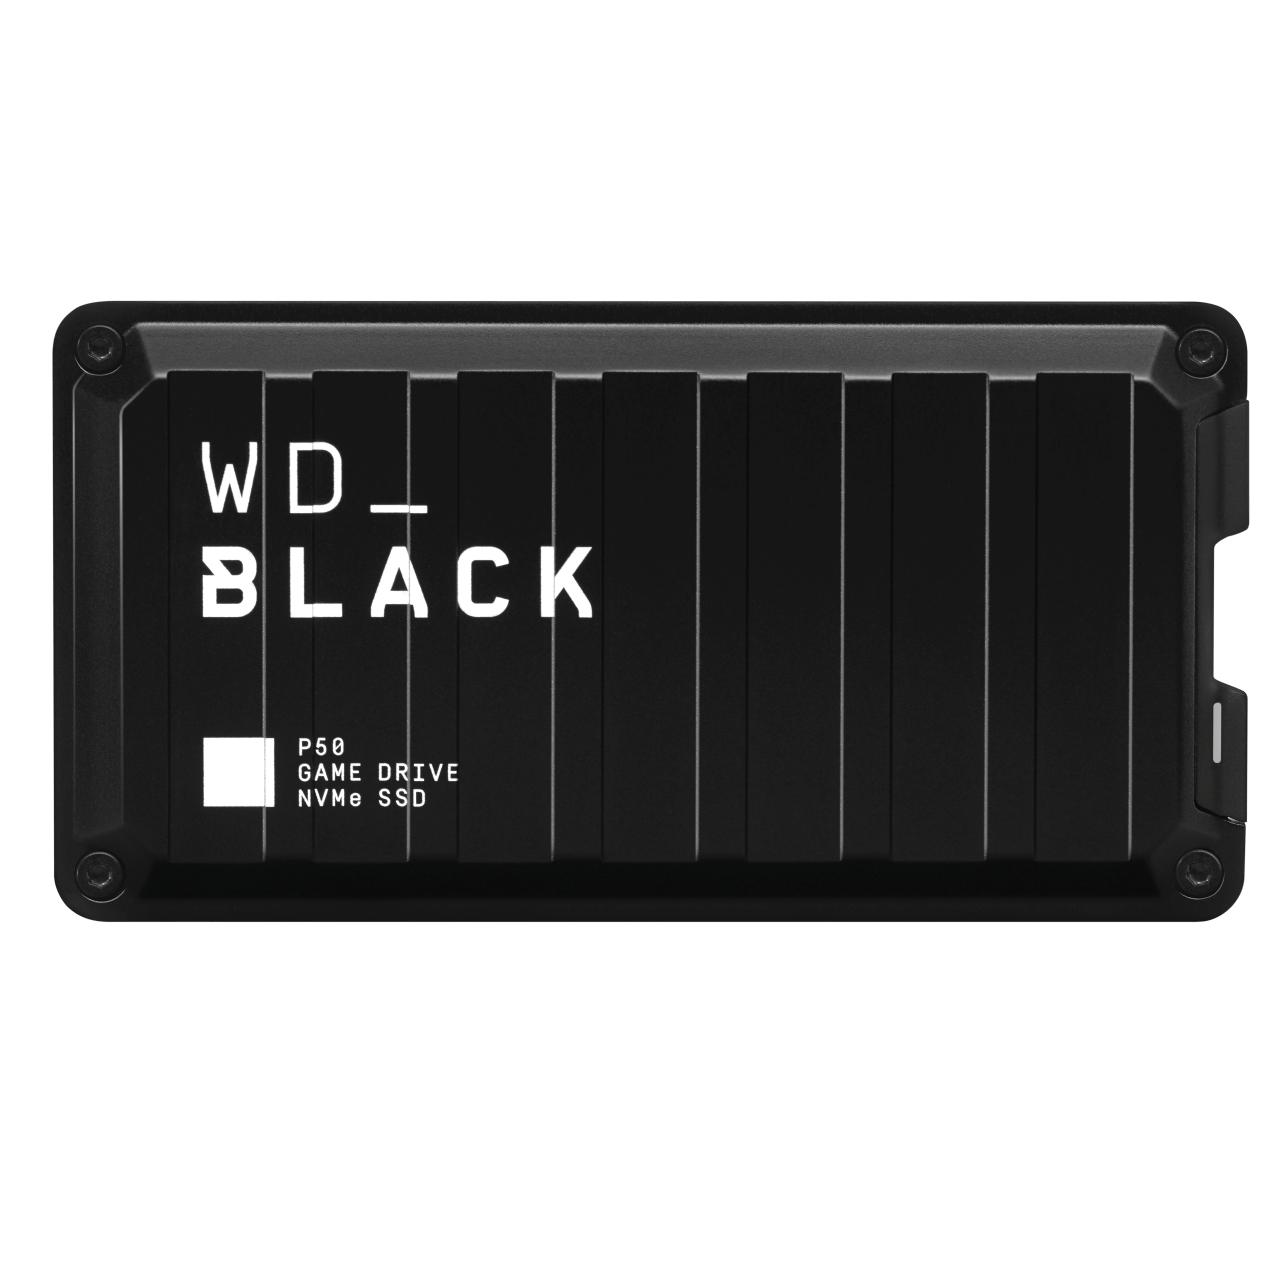 WD_BLACK P50 Game Drive SSD 1TB voor €179,99 @ Western Digital